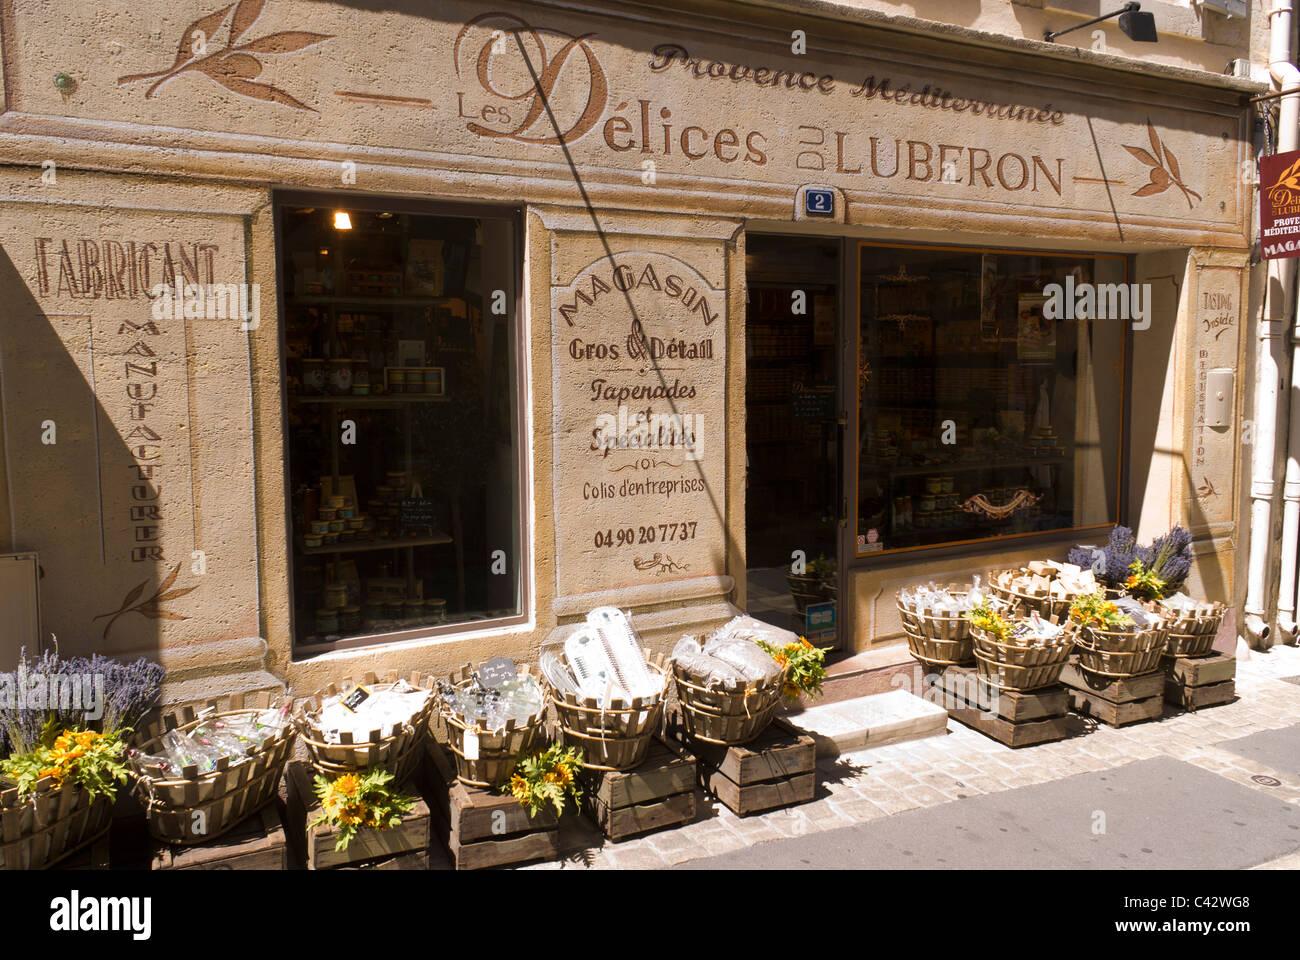 """""""Les Délices du Luberon', magasin de vente de produits locaux dans Aix-en-Provence, France. Photo Stock"""